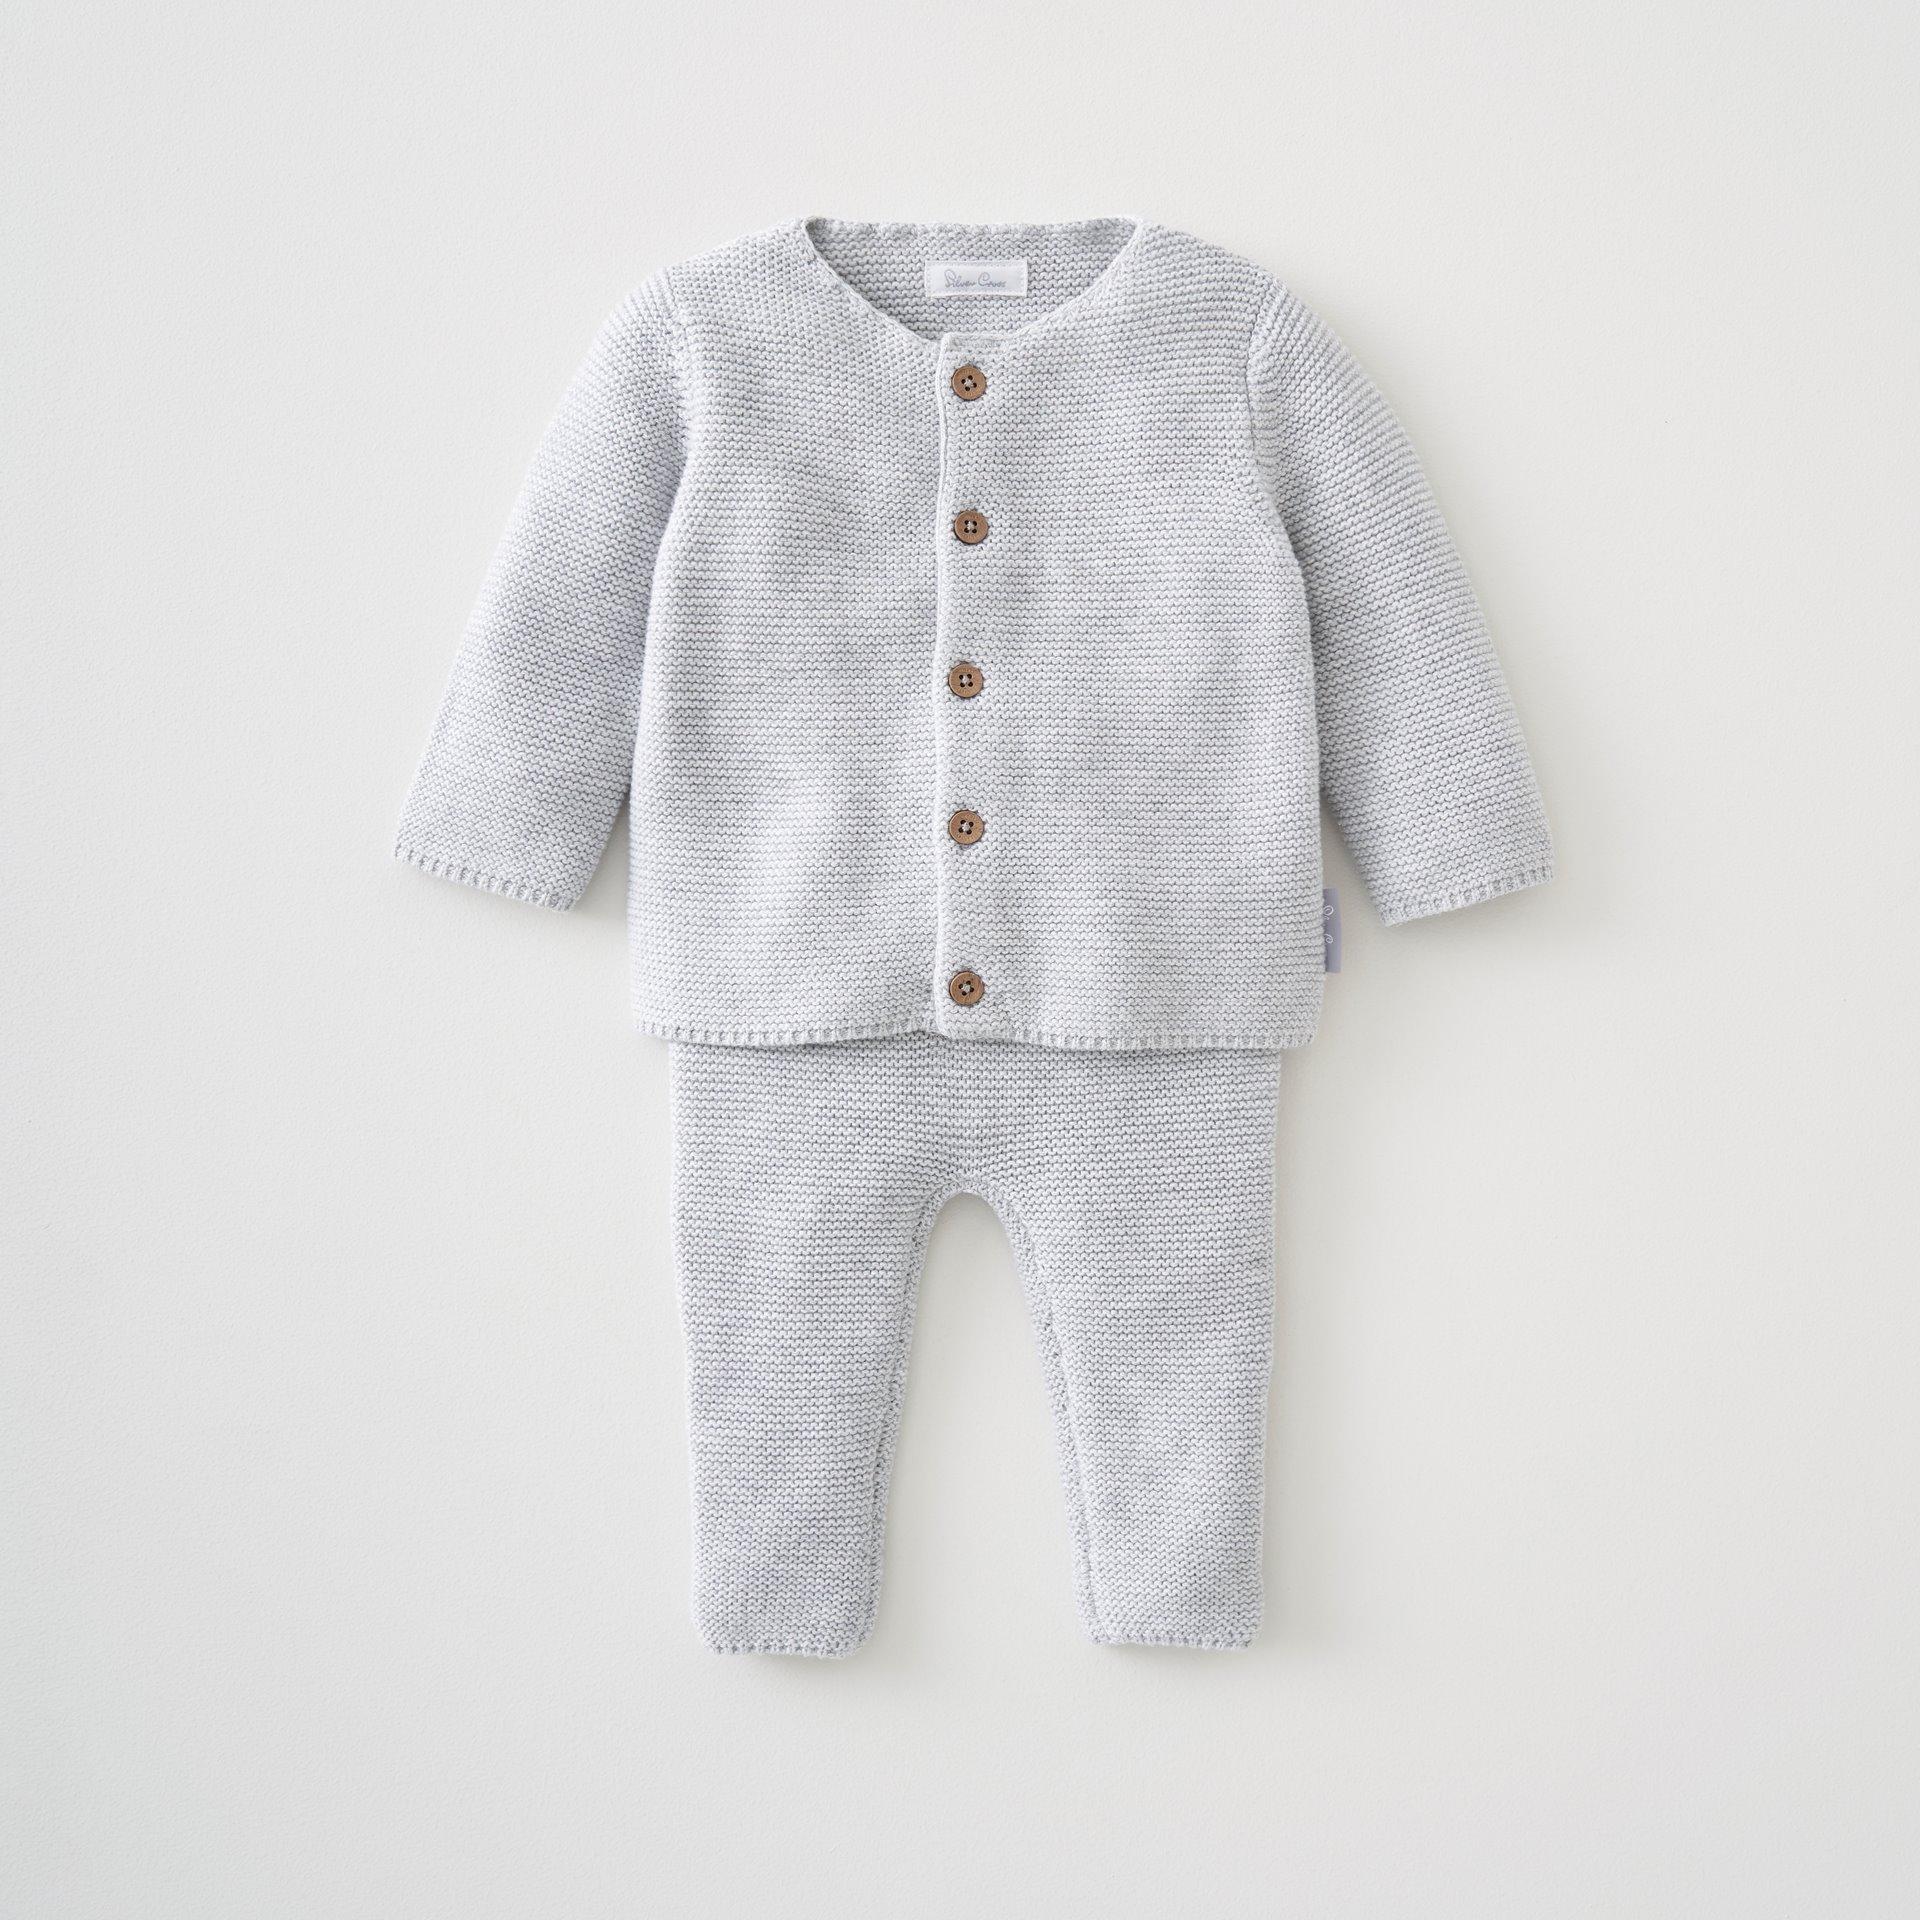 Unisex 2 Pce Knit Top & Pant Set 3-6 Months